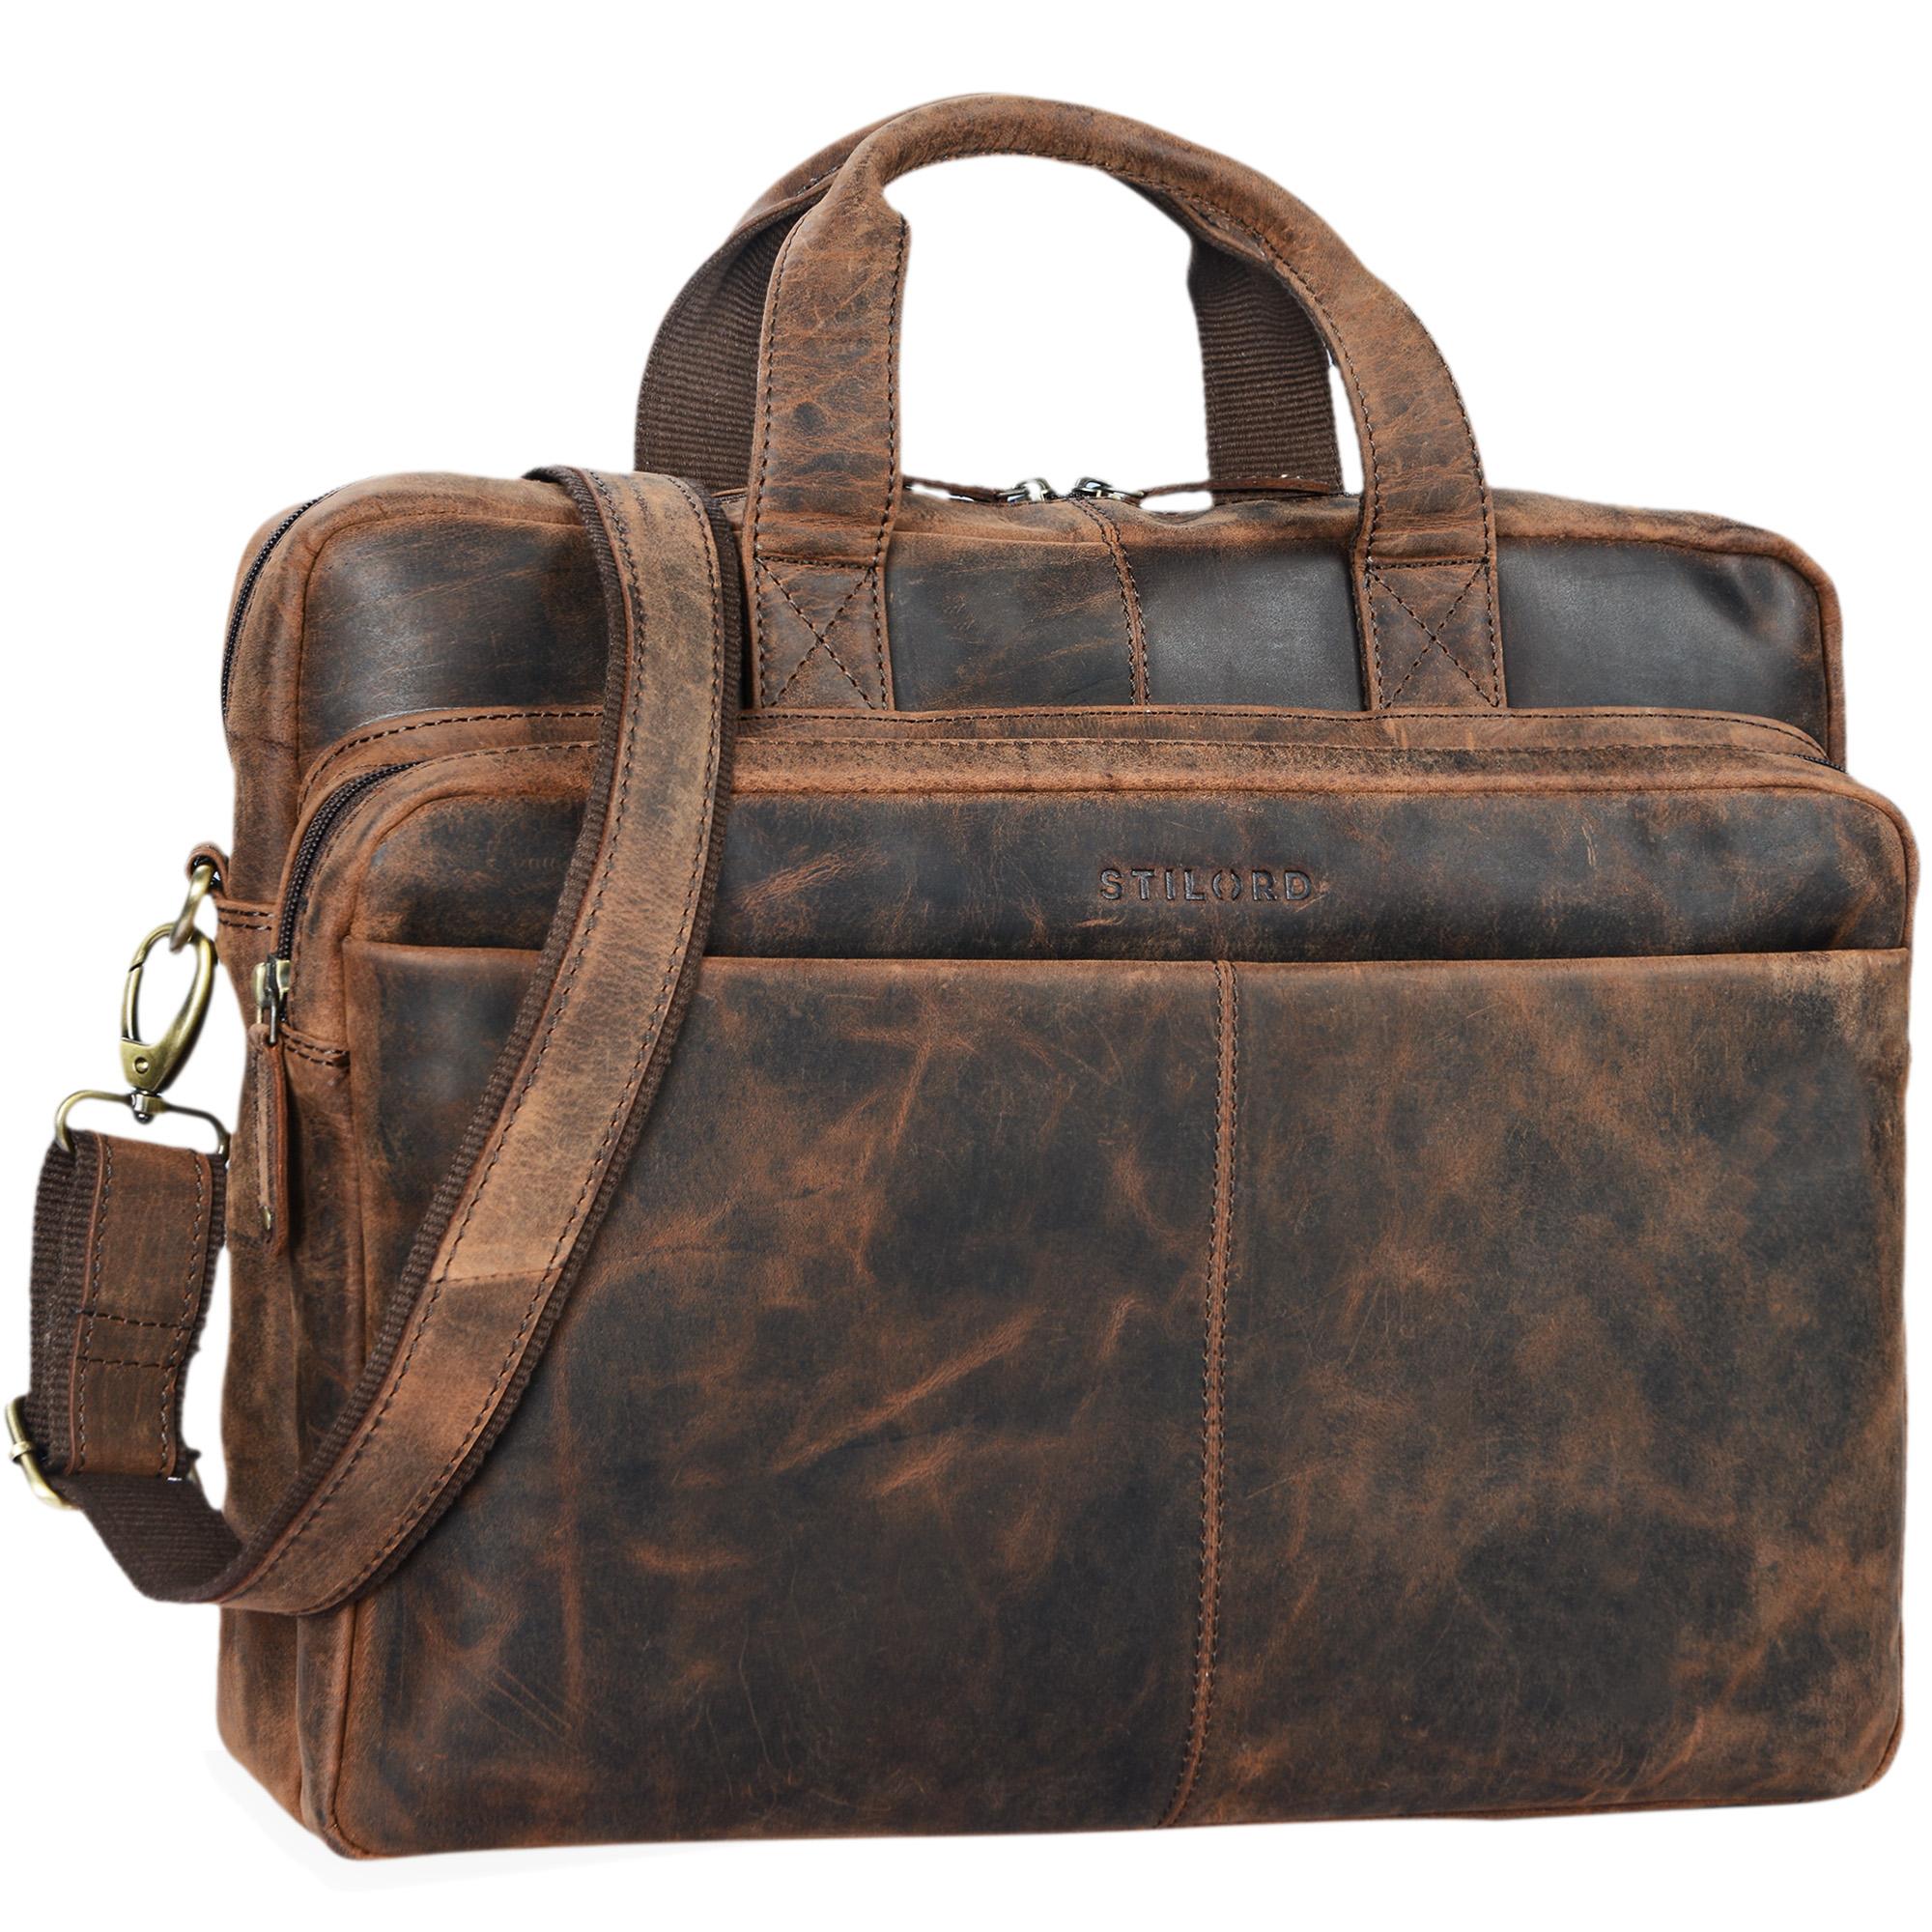 """STILORD """"Verus"""" Vintage Ledertasche groß Aktentasche Laptoptasche Umhängetasche mit Reißverschluss und abnehmbaren Schultergurt Lehrertasche Leder - Bild 8"""